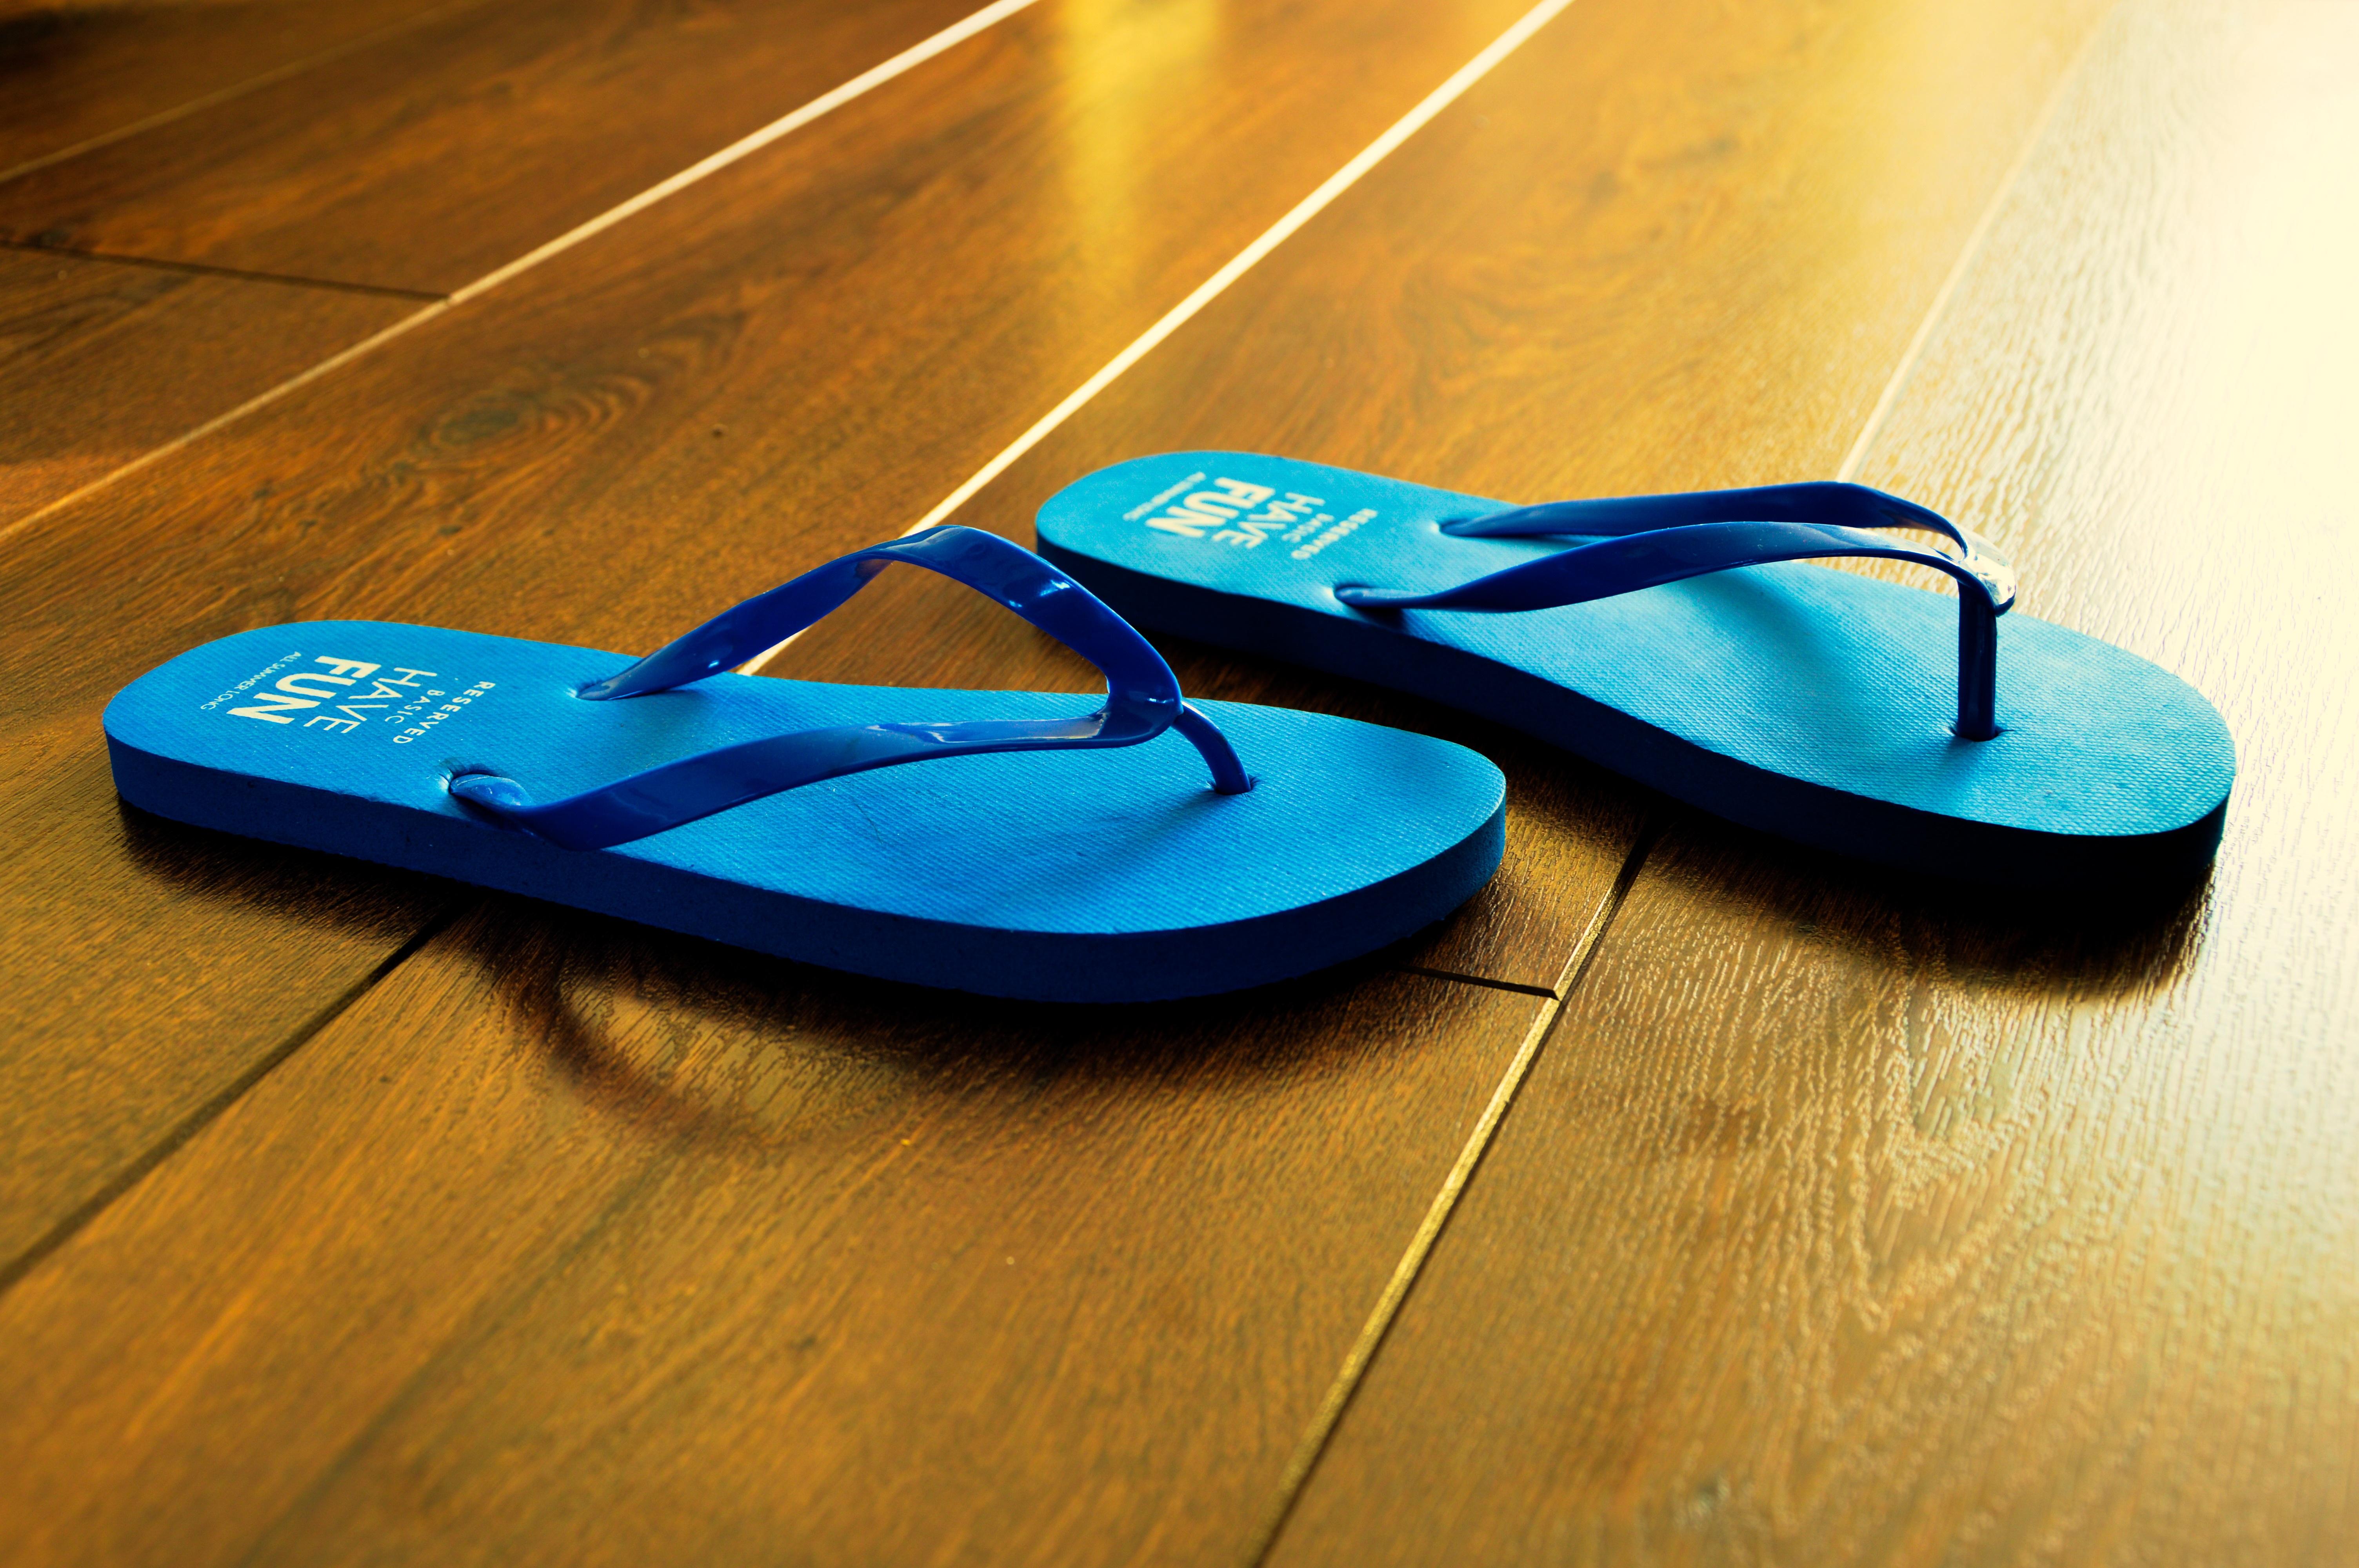 Gambar Pantai Musim Panas Liburan Rekreasi Flip Flop